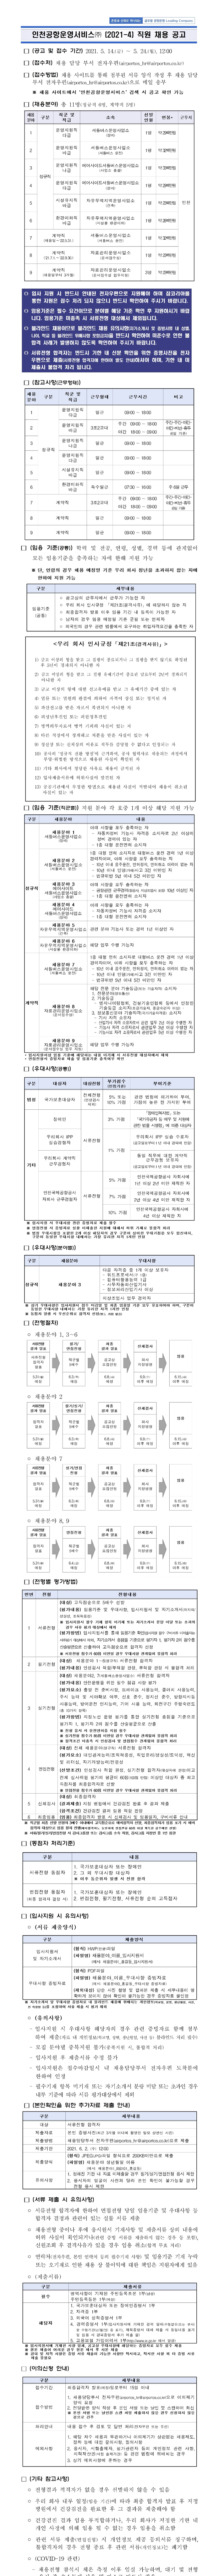 (2021-4) 직원 채용 공고(전체).png